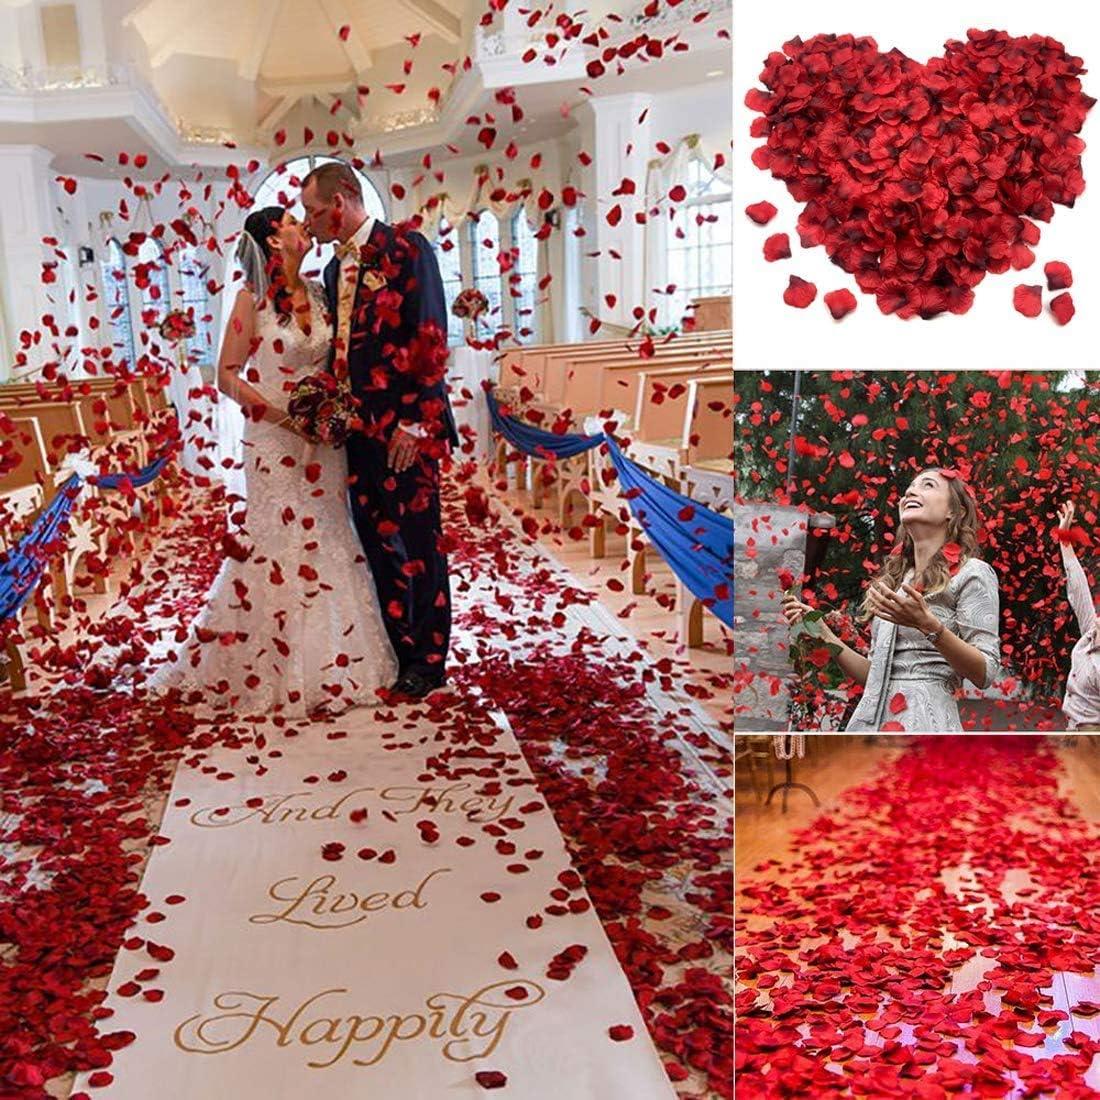 Saint-Valentin et Atmosph/ère Romantique Bleu FUJIE 1500 Pi/èces P/étales Roses Artificielles Bleu en Soie Confetti pour F/ête de Mariage